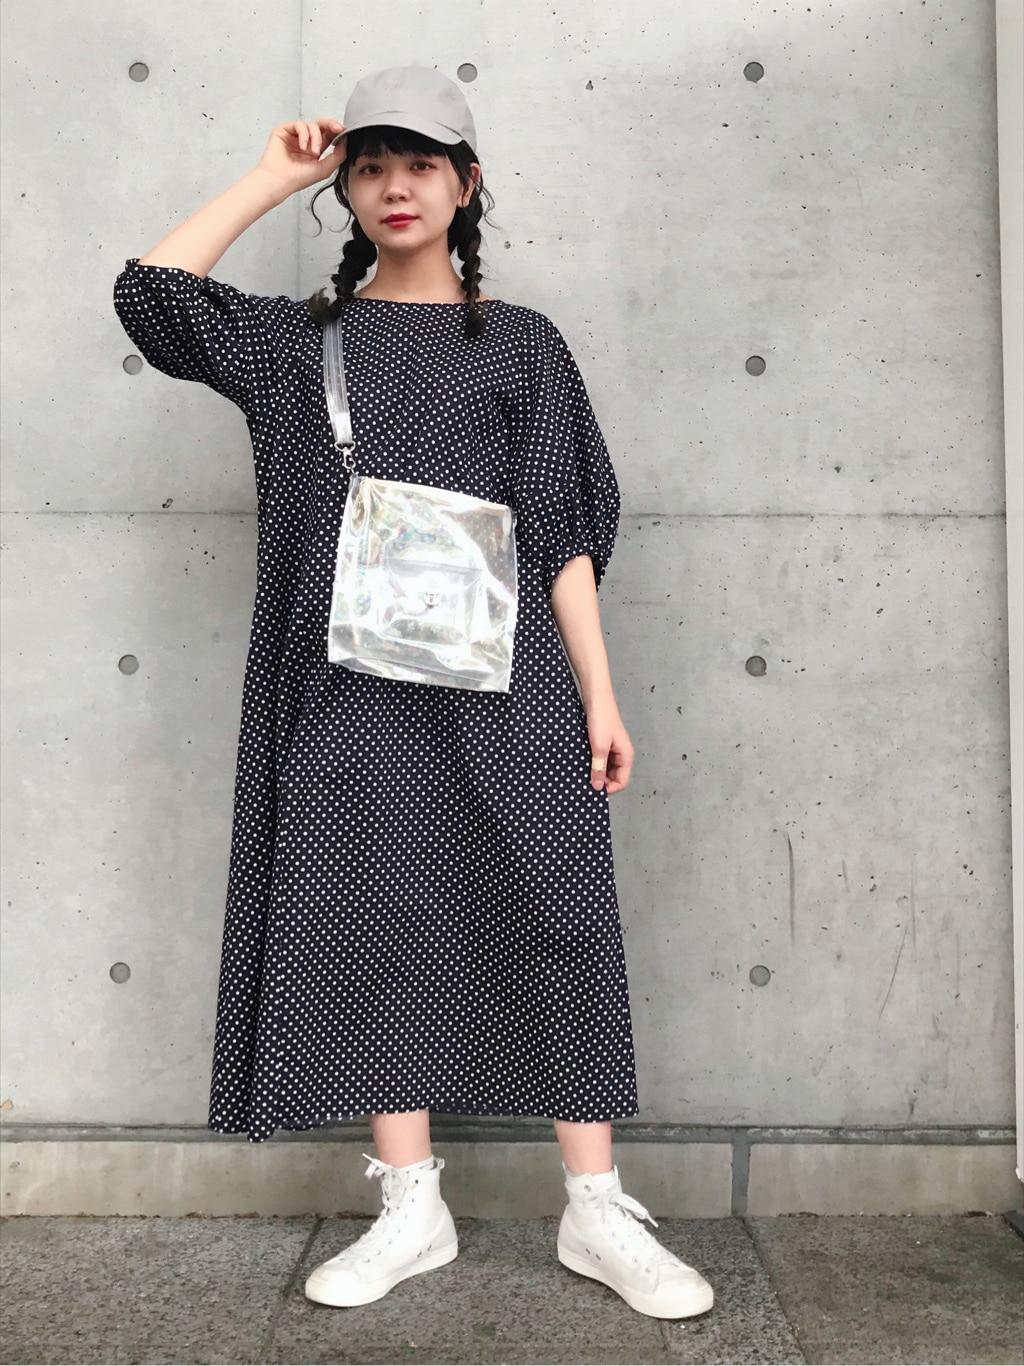 l'atelier du savon 東京スカイツリータウン・ソラマチ 身長:154cm 2020.06.11